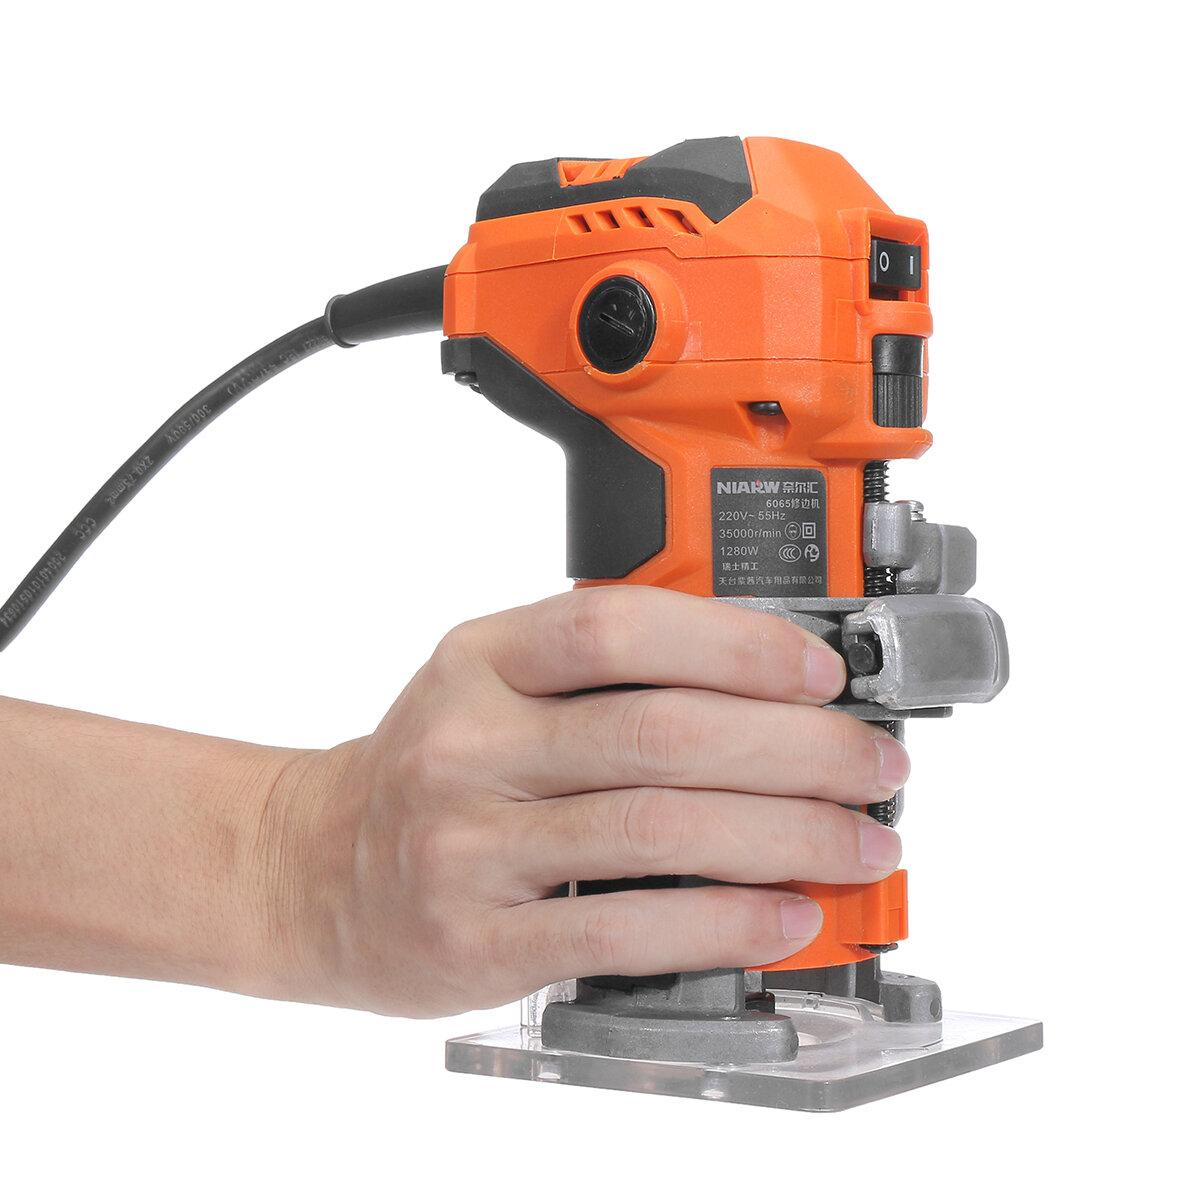 As juniores de madeira do router do laminador da mão do ajustador elétrico da mão de 1280W 35000r / min ajustaram-se